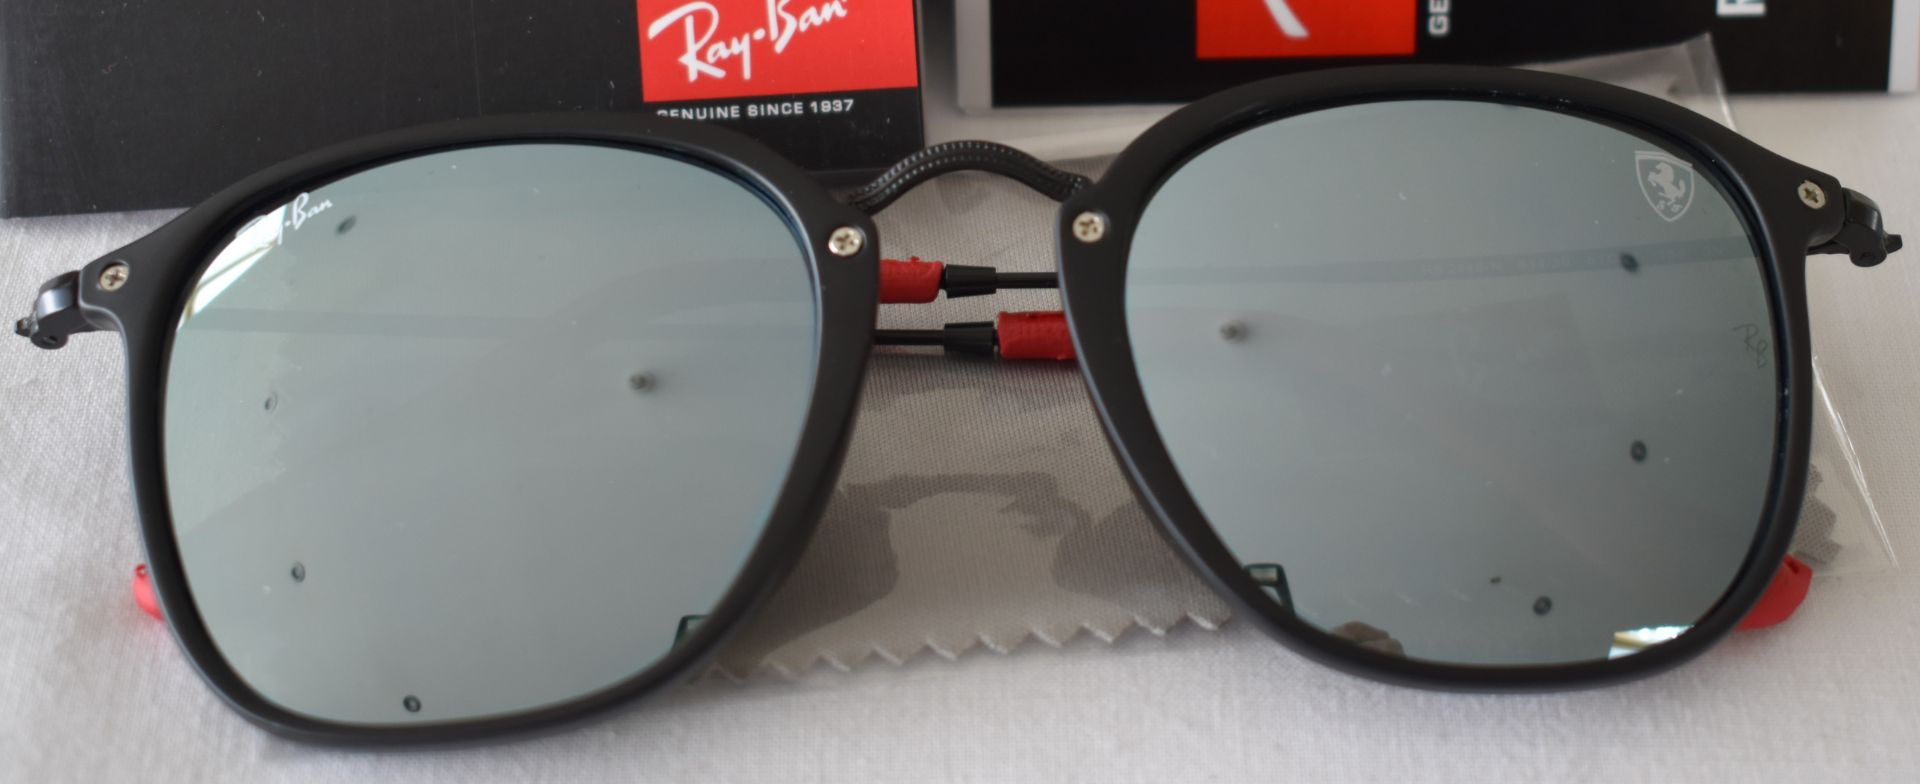 Ray Ban Sunglasses(Ferrari) ORB2448N 614/30 *3N - Image 2 of 4